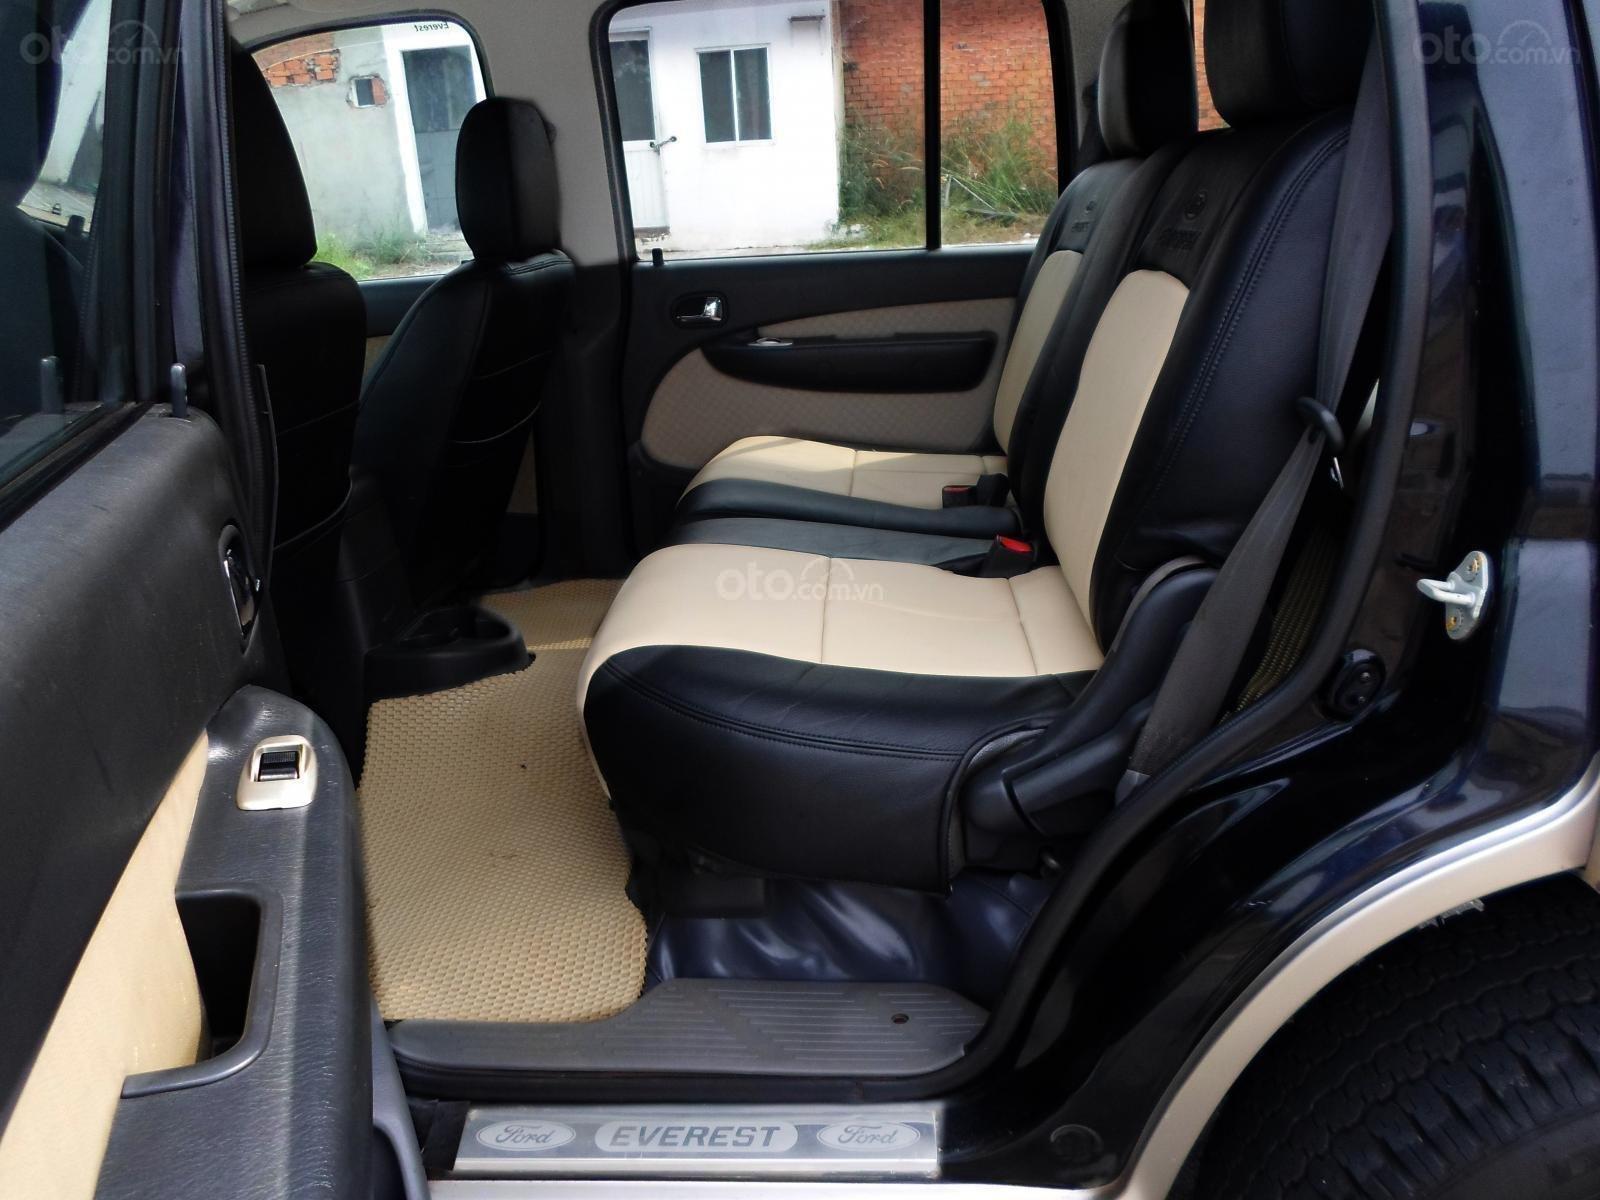 Chính chủ cần bán Ford Everest Ford Everest 2.5L 4x2 MT đời 2005, màu đen, giá tốt (7)